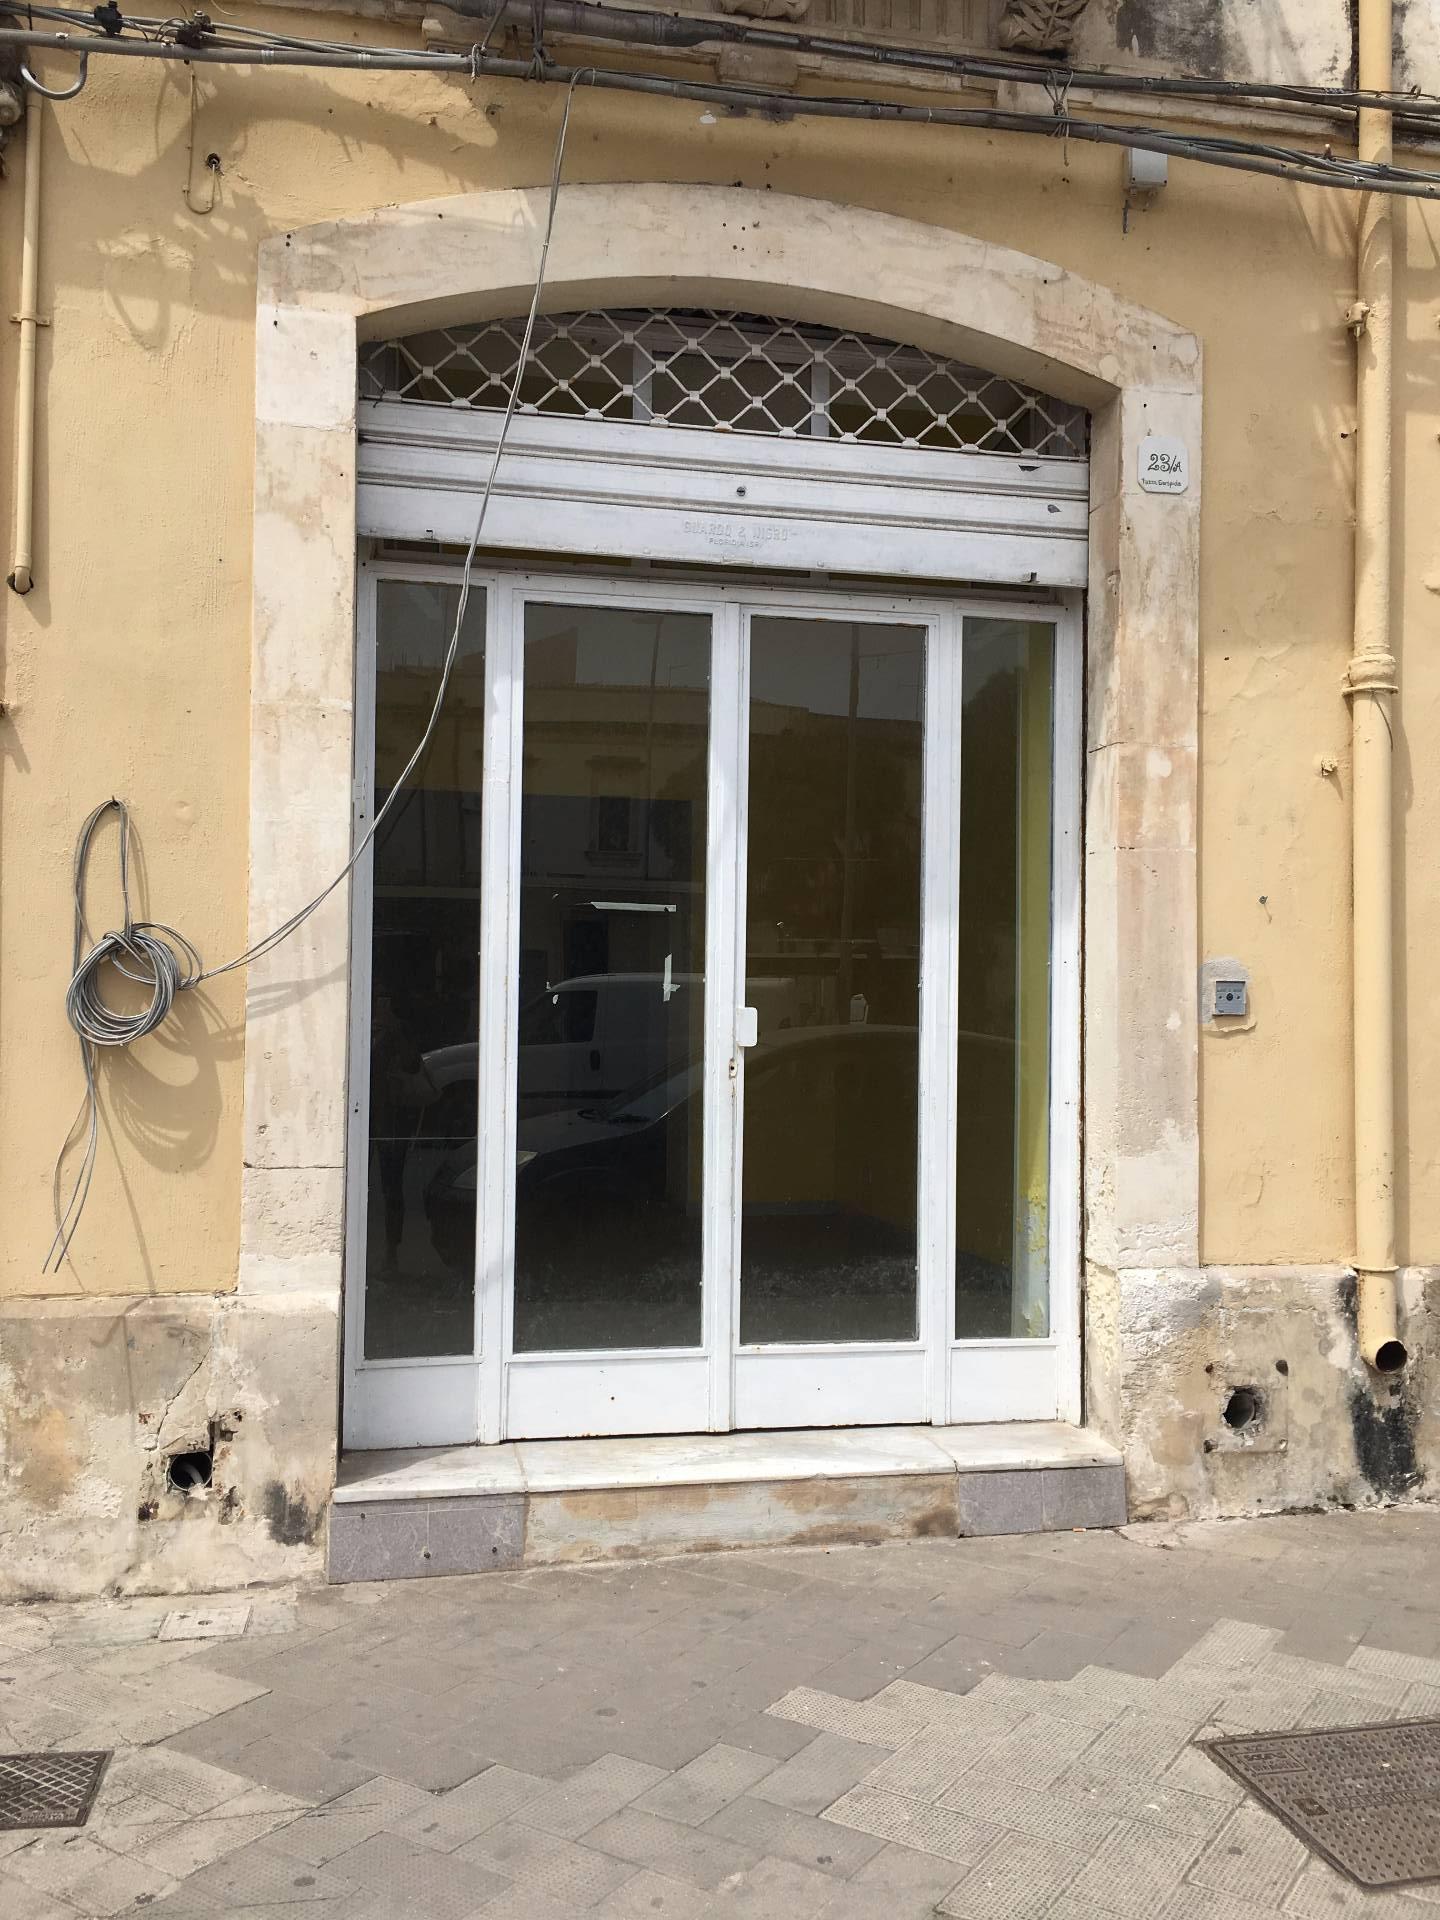 Negozio / Locale in affitto a Siracusa, 9999 locali, zona Zona: Borgata, prezzo € 700 | Cambio Casa.it